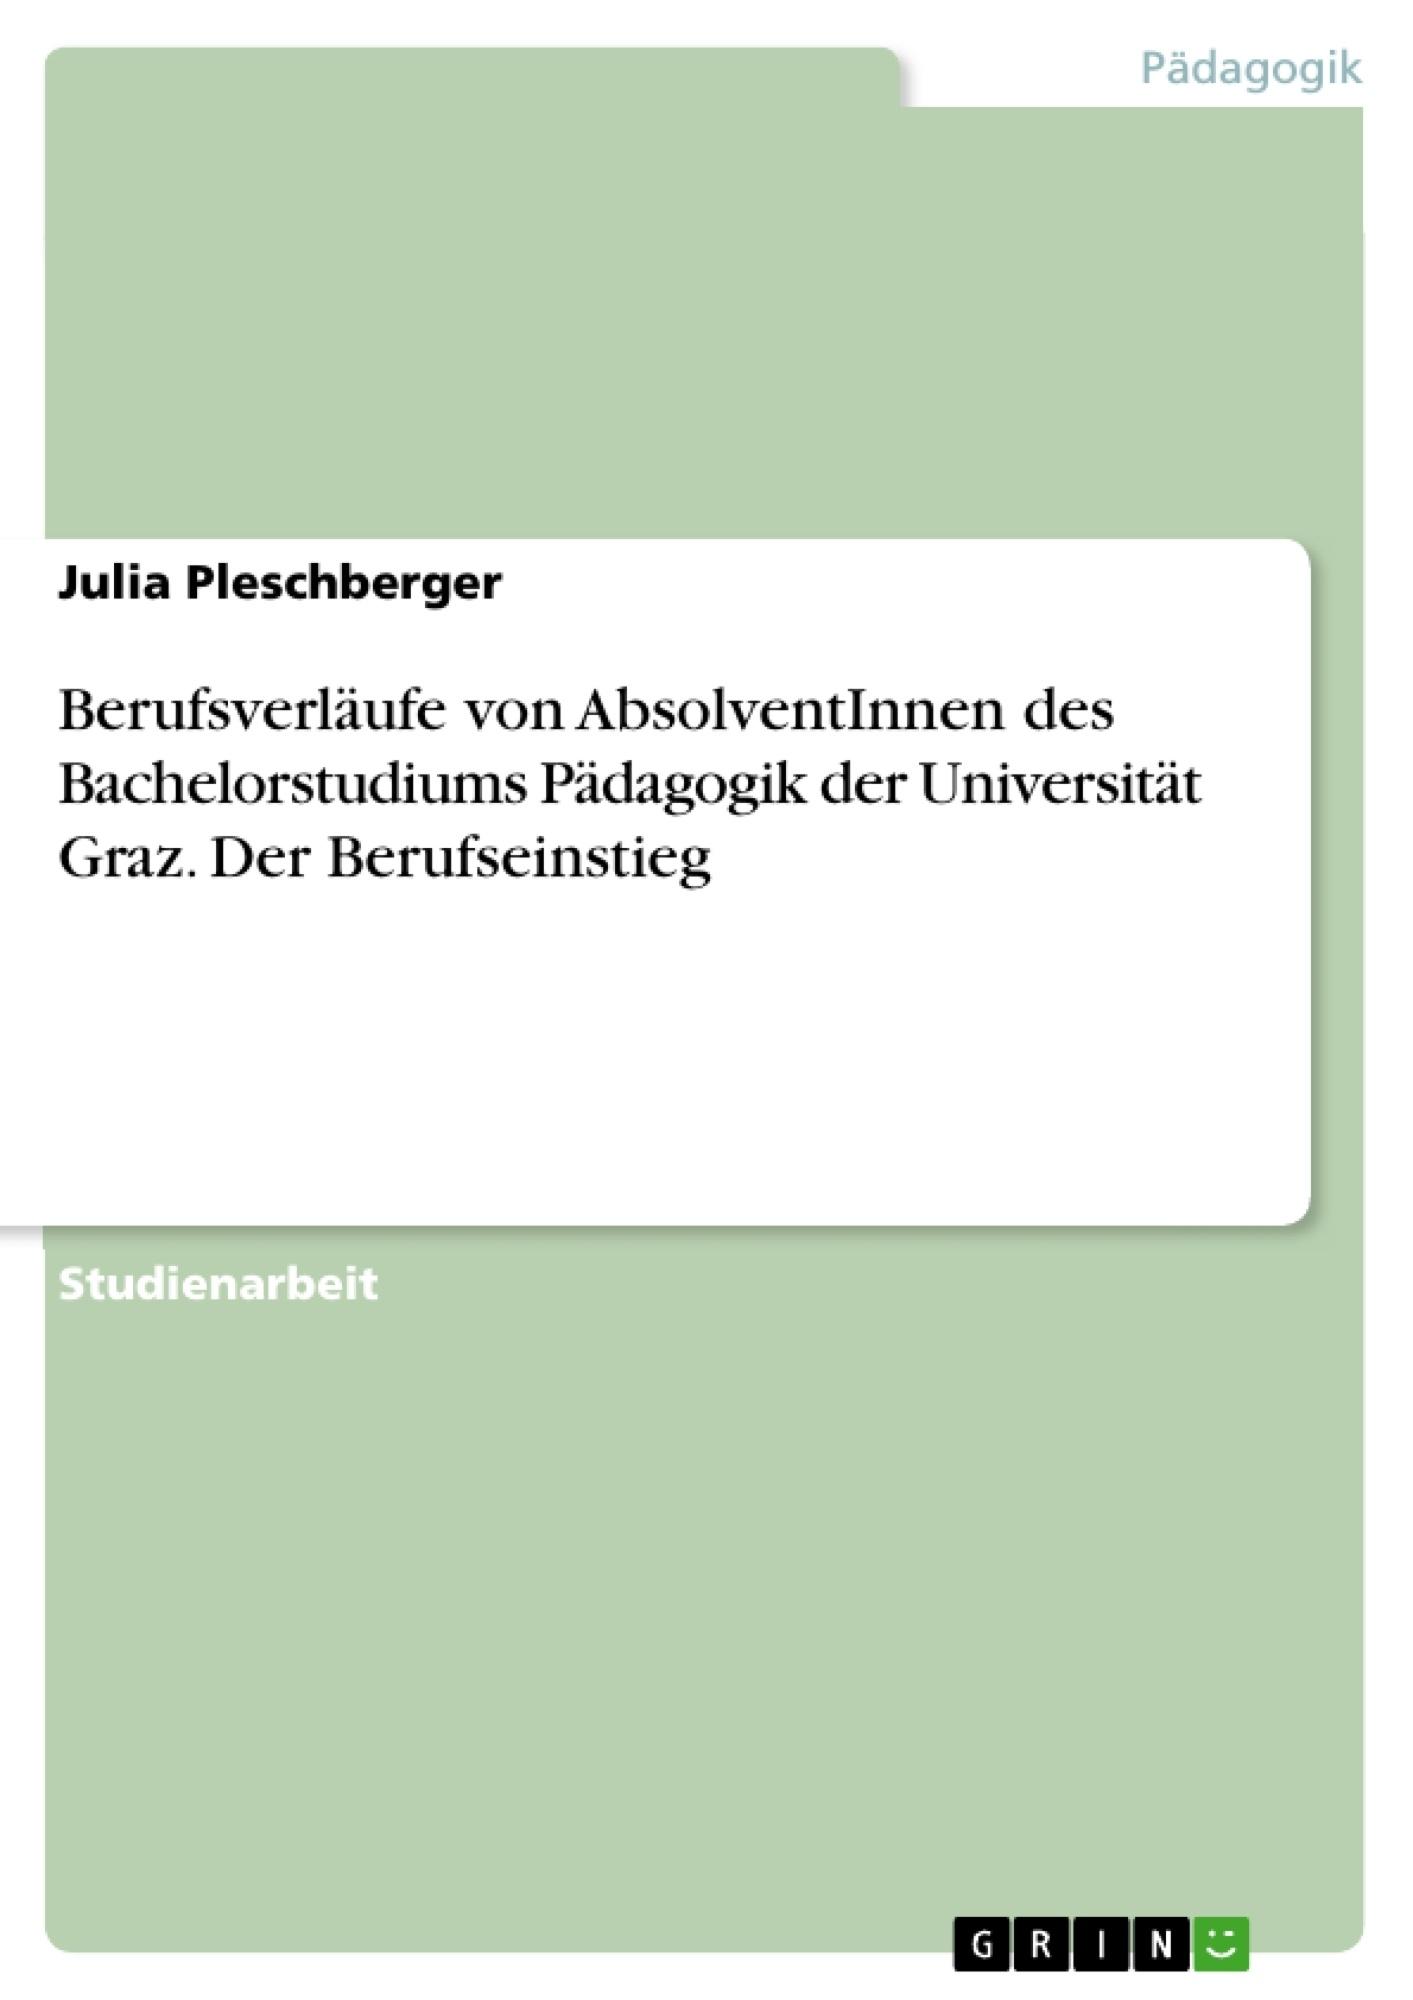 Titel: Berufsverläufe von AbsolventInnen des Bachelorstudiums Pädagogik der Universität Graz. Der Berufseinstieg